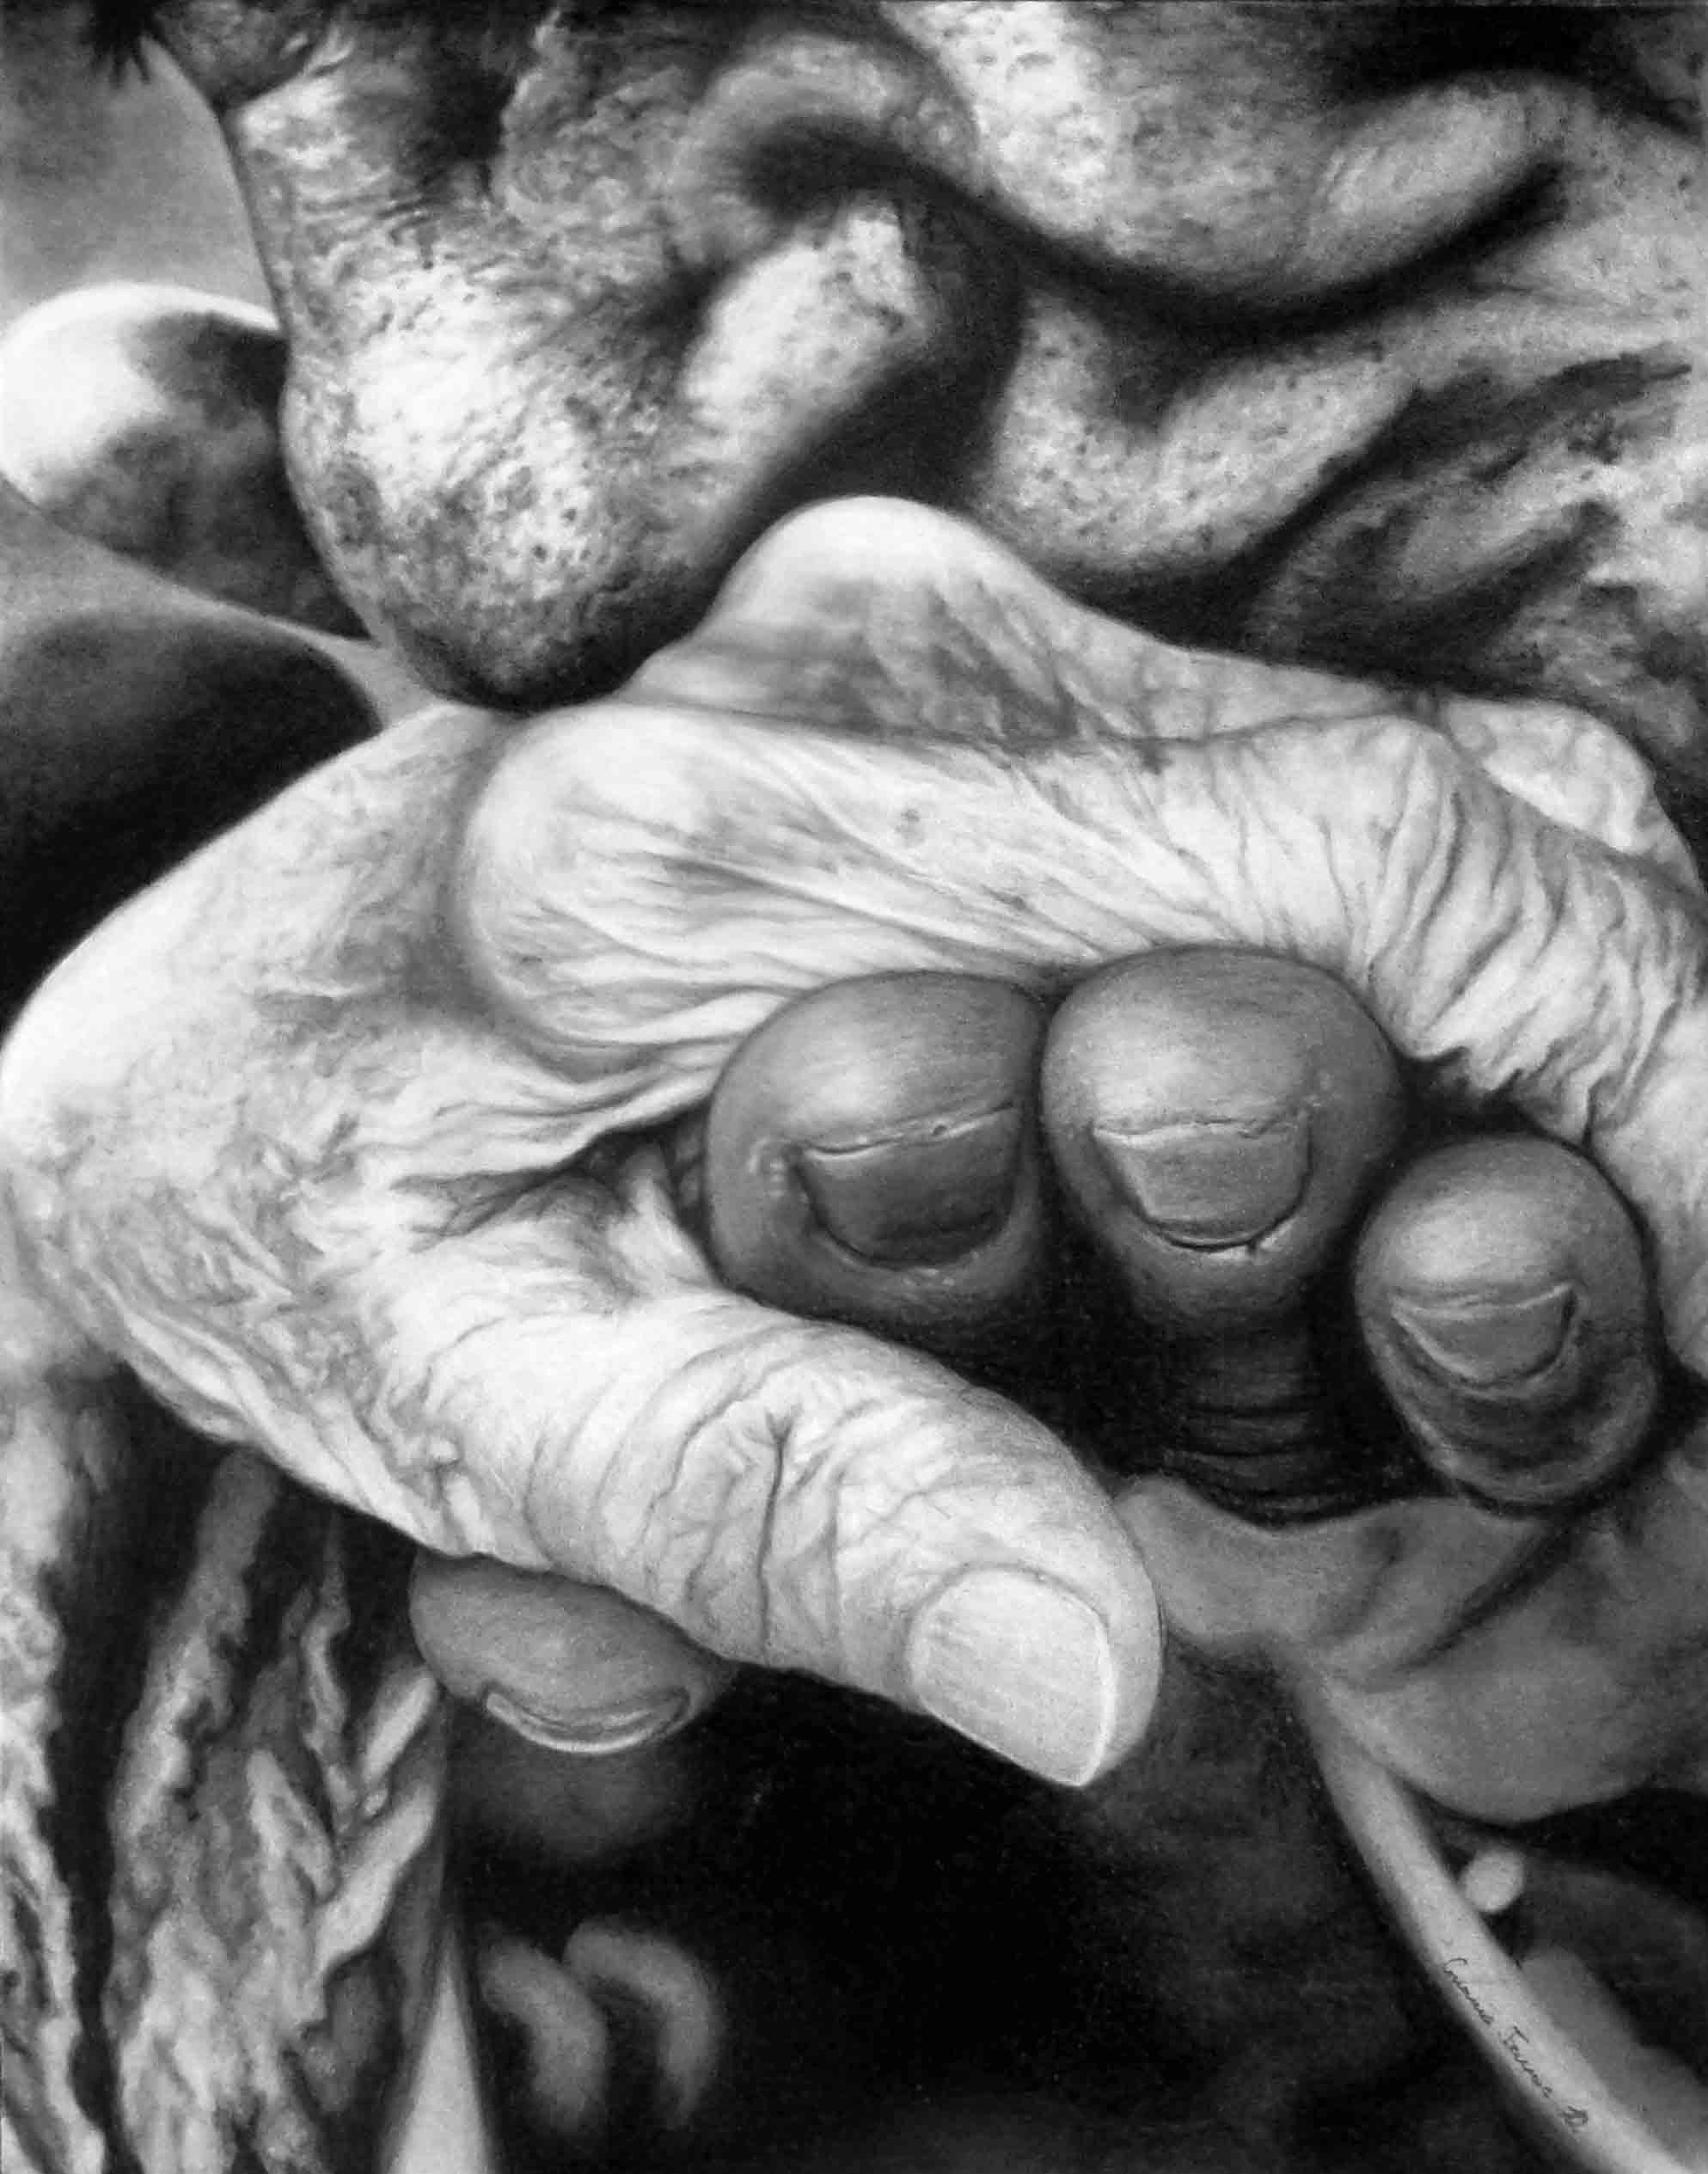 Old Hands-FD.jpg